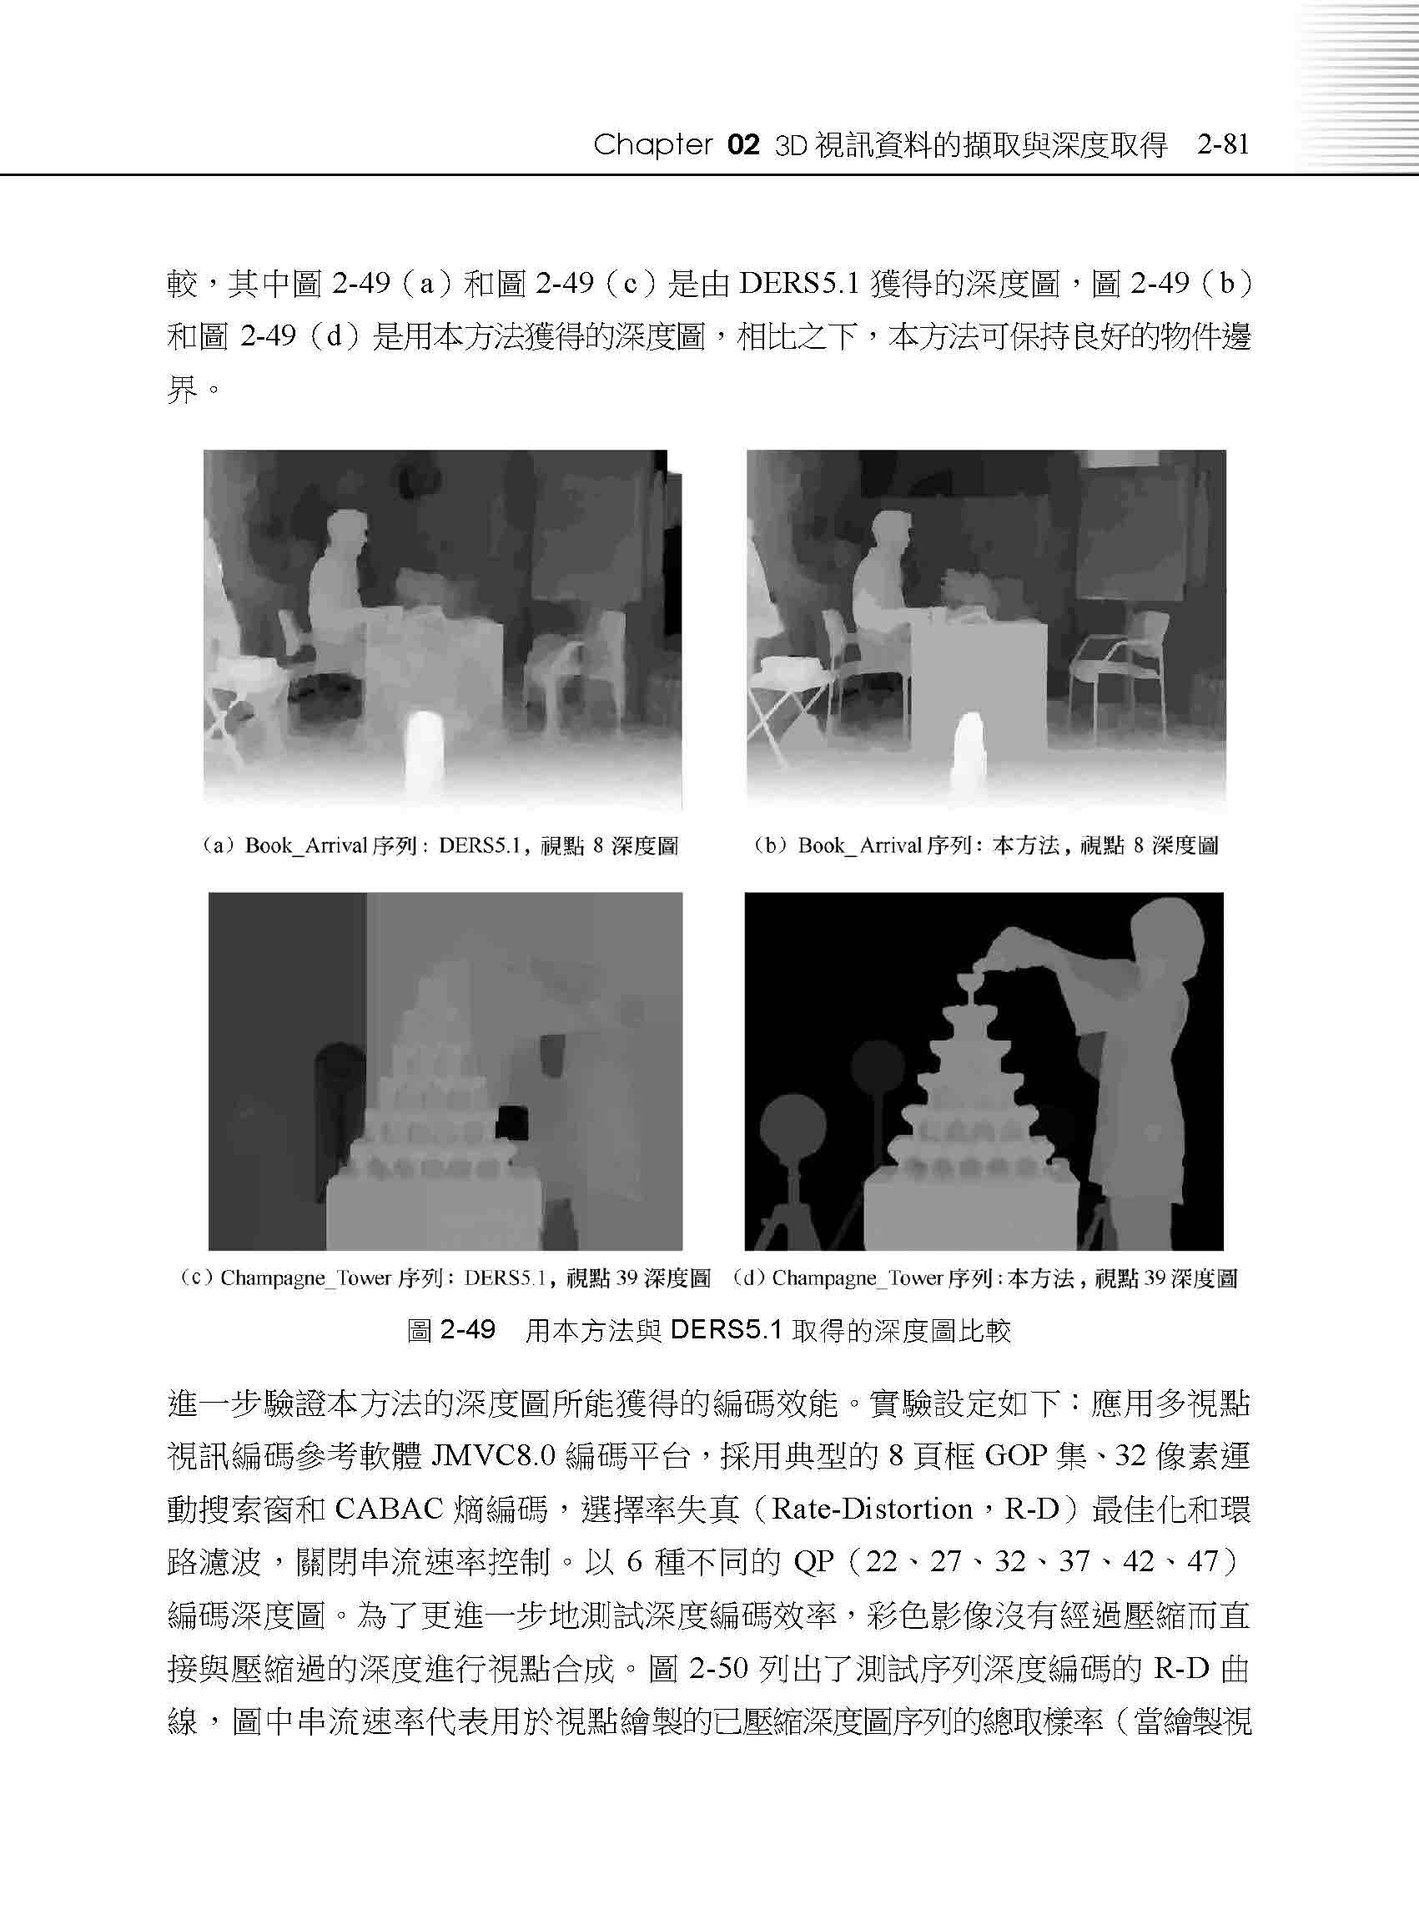 完全掌握:最強3D視訊處理技術書 (舊名: 無懈可擊的 3D視訊處理技術)-preview-6